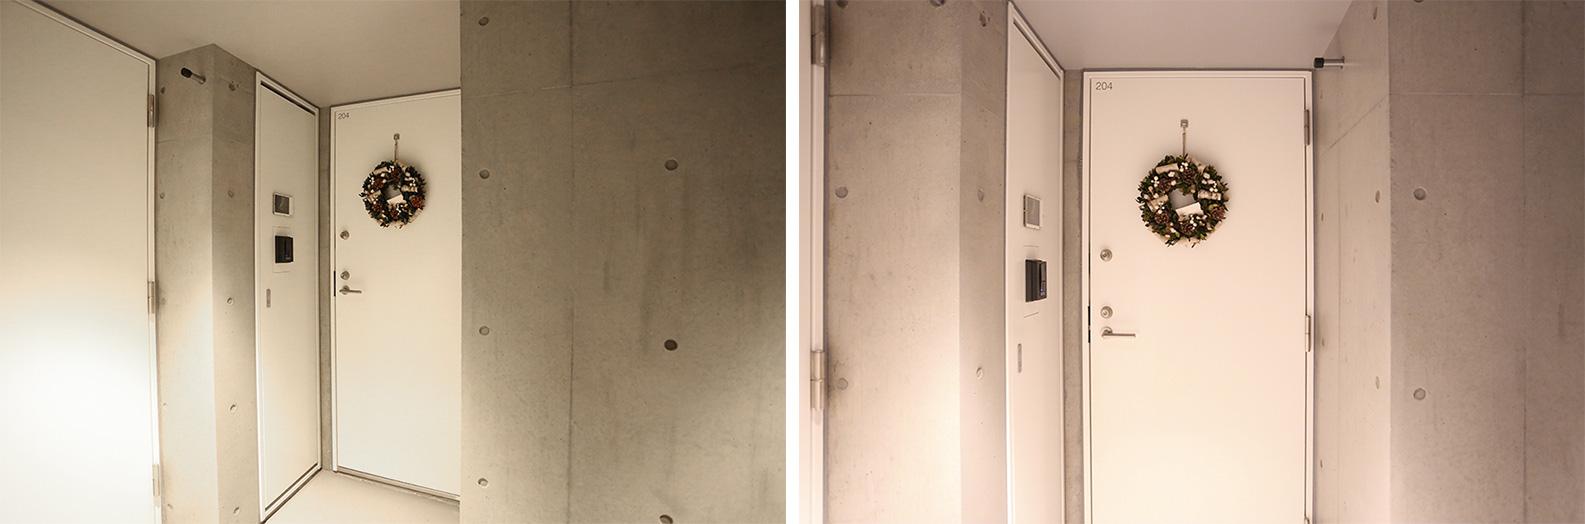 歌舞伎町 蘭○「リアラ」さんが体験!キャバ嬢を癒すプロフェッショナル… 表参道プライベートサロン エイコーン - ACORN private salon -